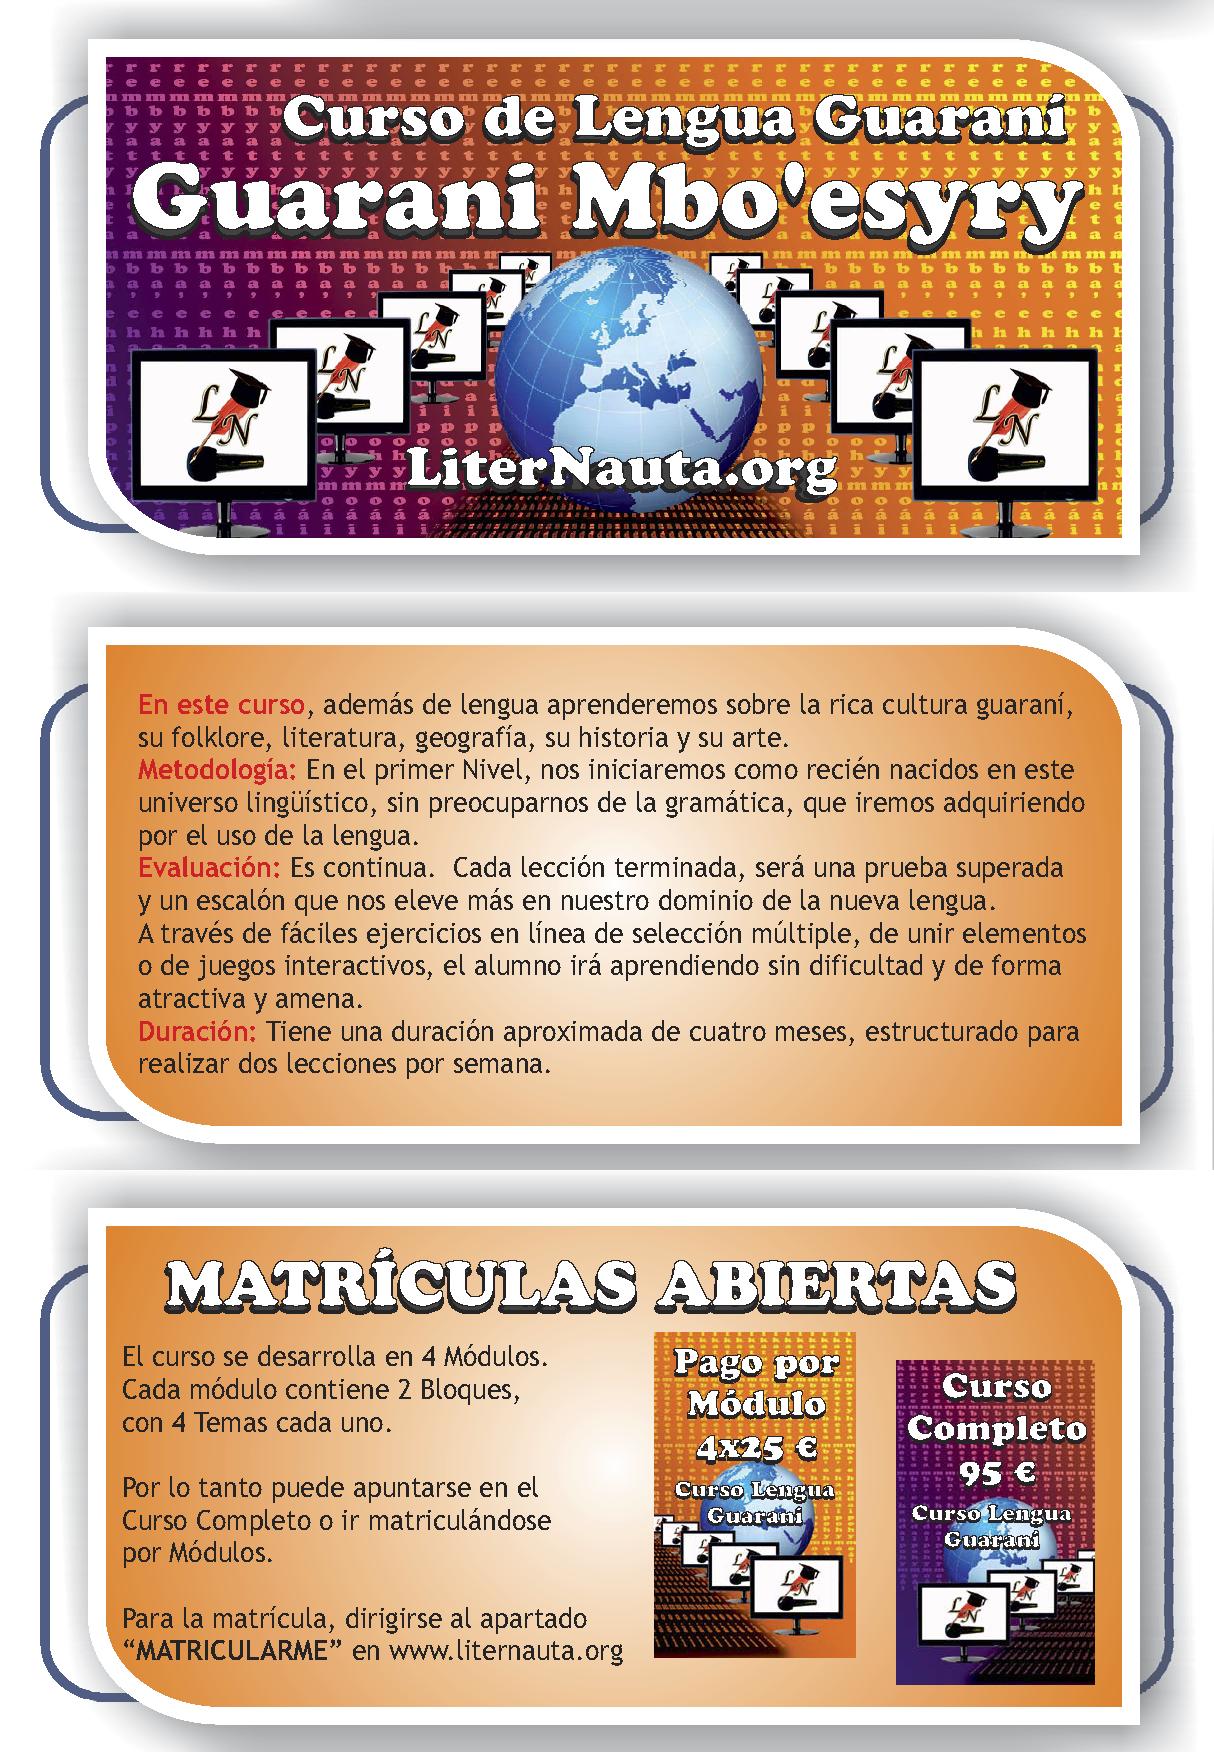 curso_guarani_liternauta